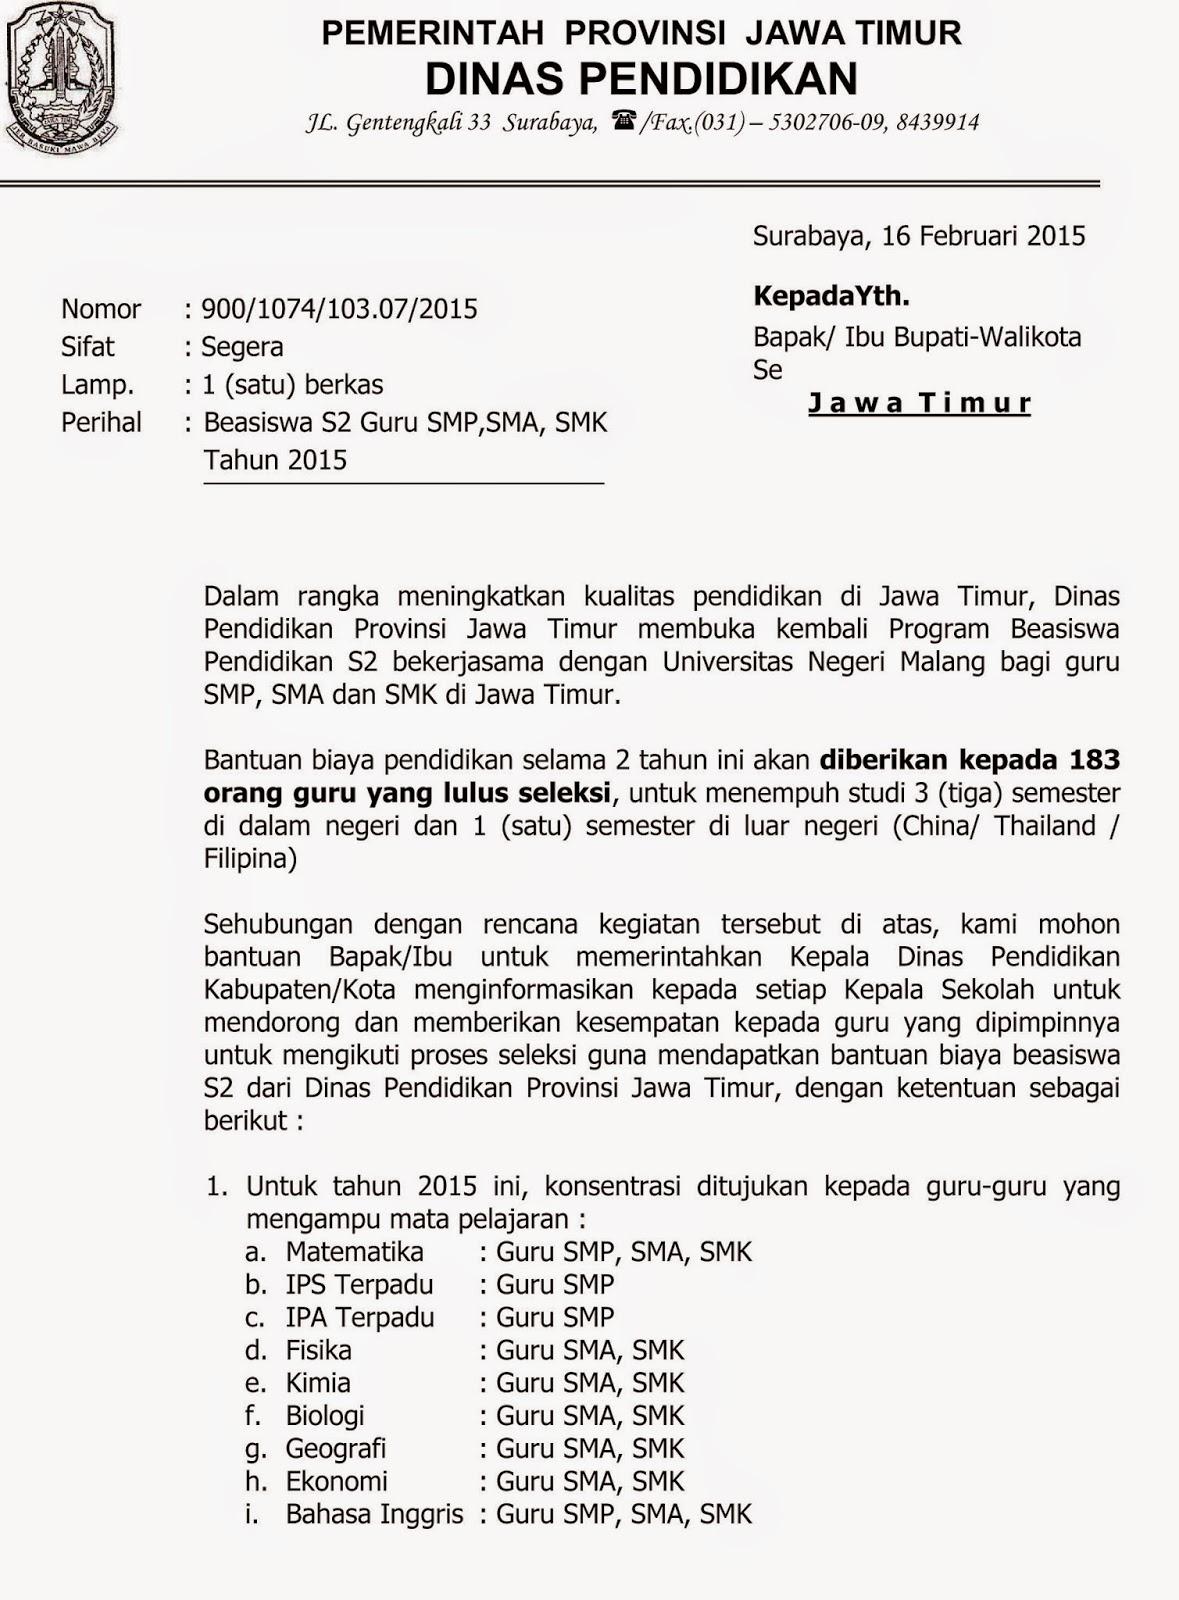 Beasiswa S2 Jawa Timur Kkg Satu Bojonegoro